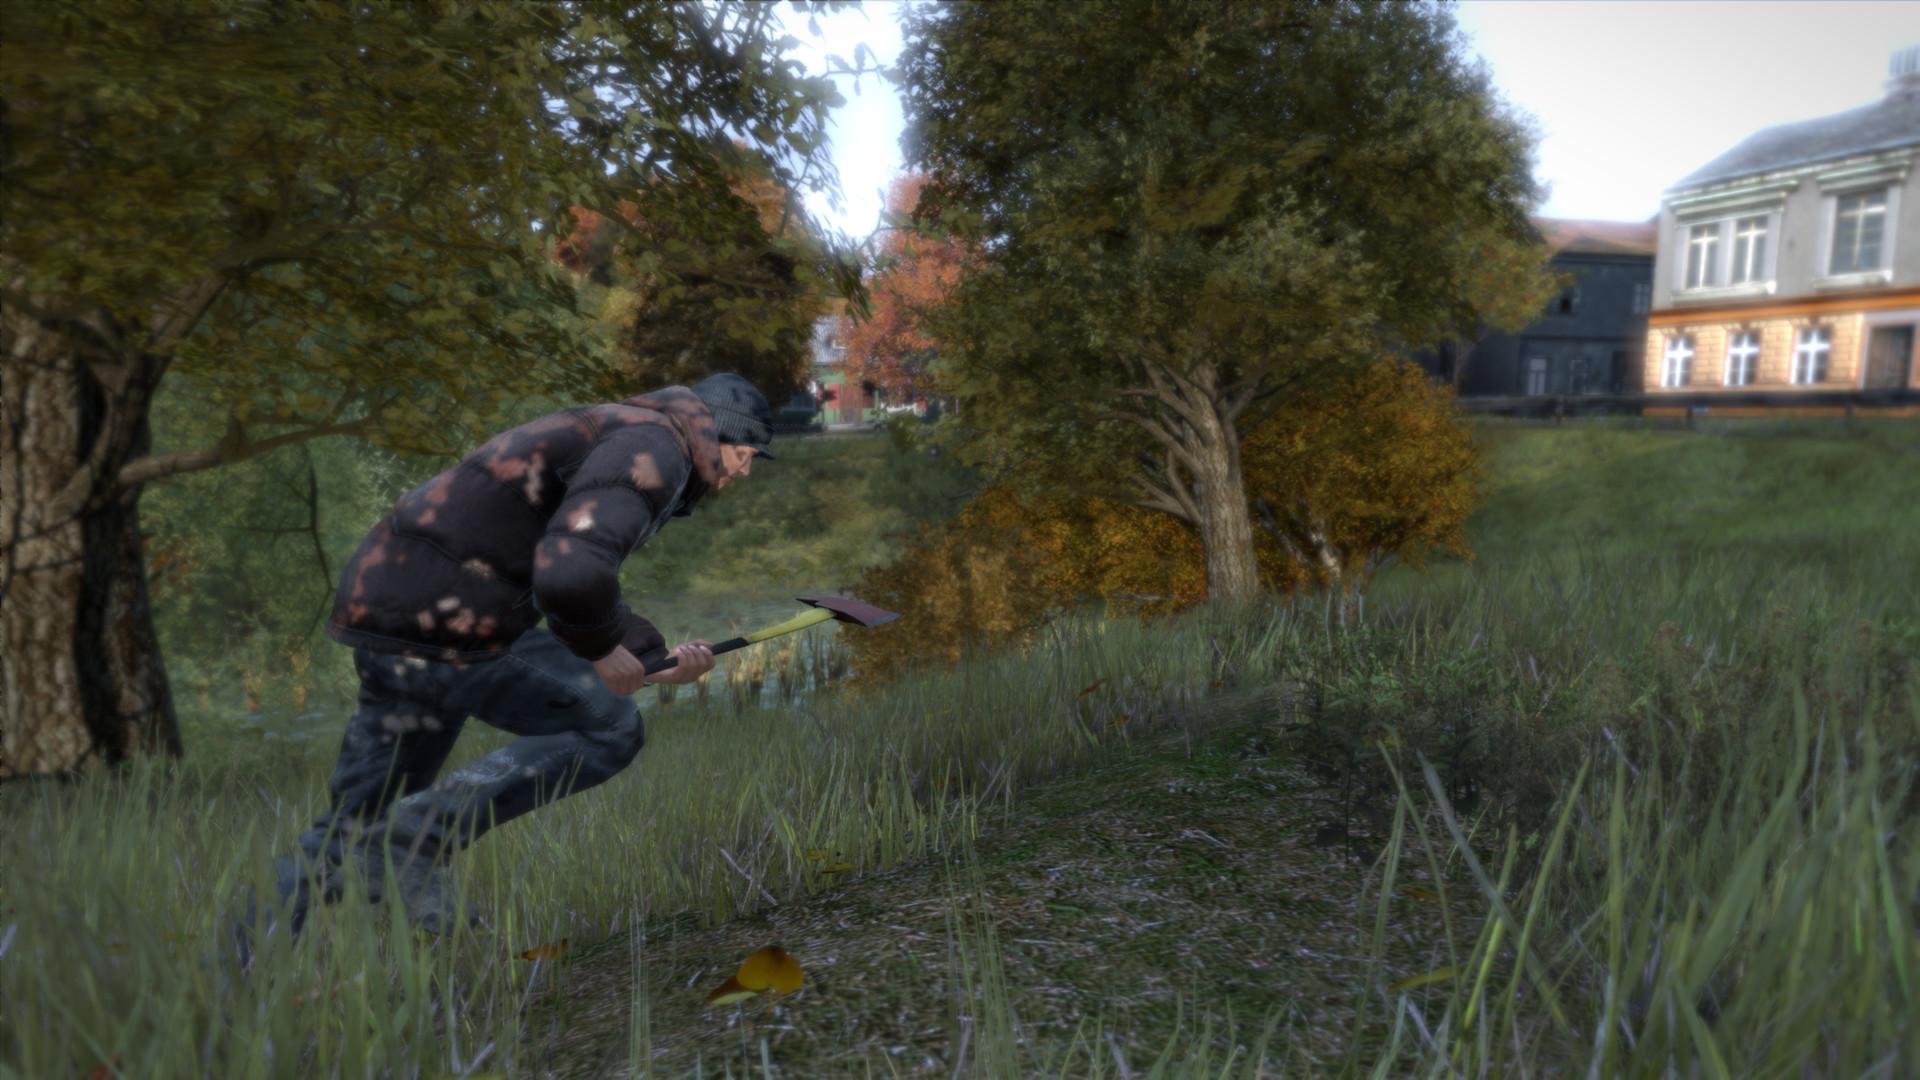 Alpha verze DayZ konečně k dostání přes Steam Early Access 91005